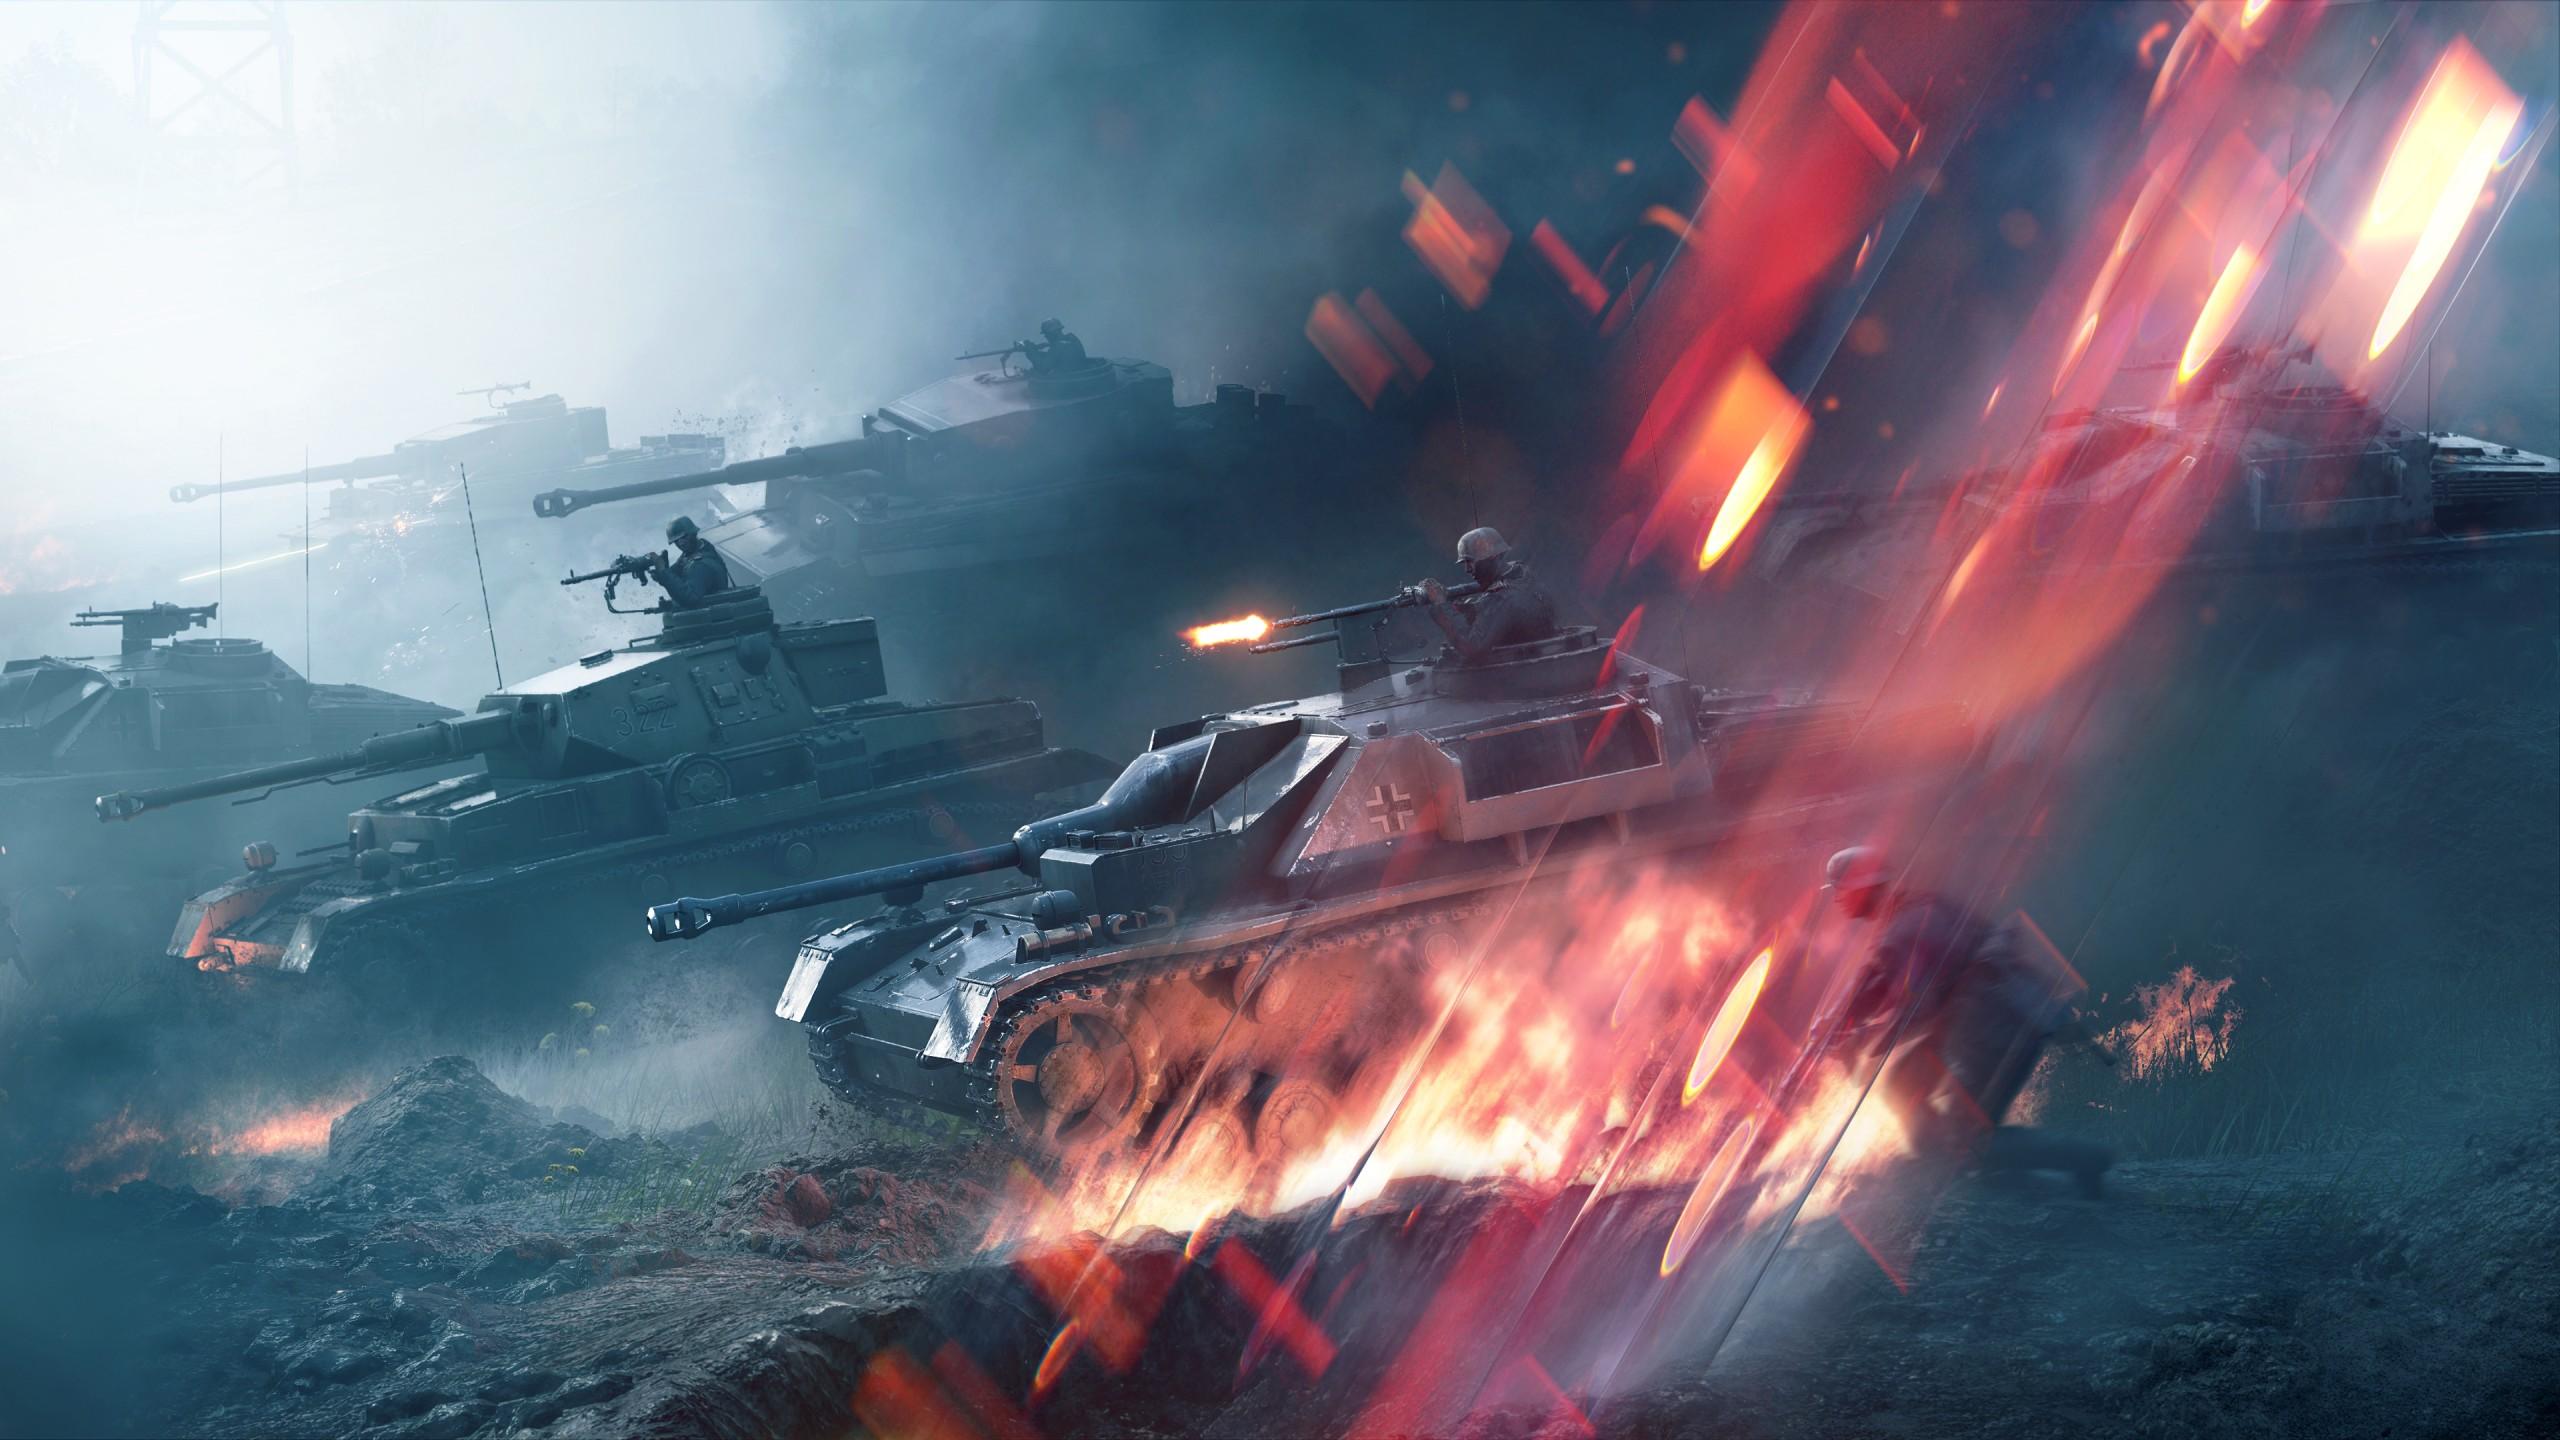 3d Home Wallpaper For Pc Battlefield V Chapter 2 Lightning Strikes 4k Wallpapers